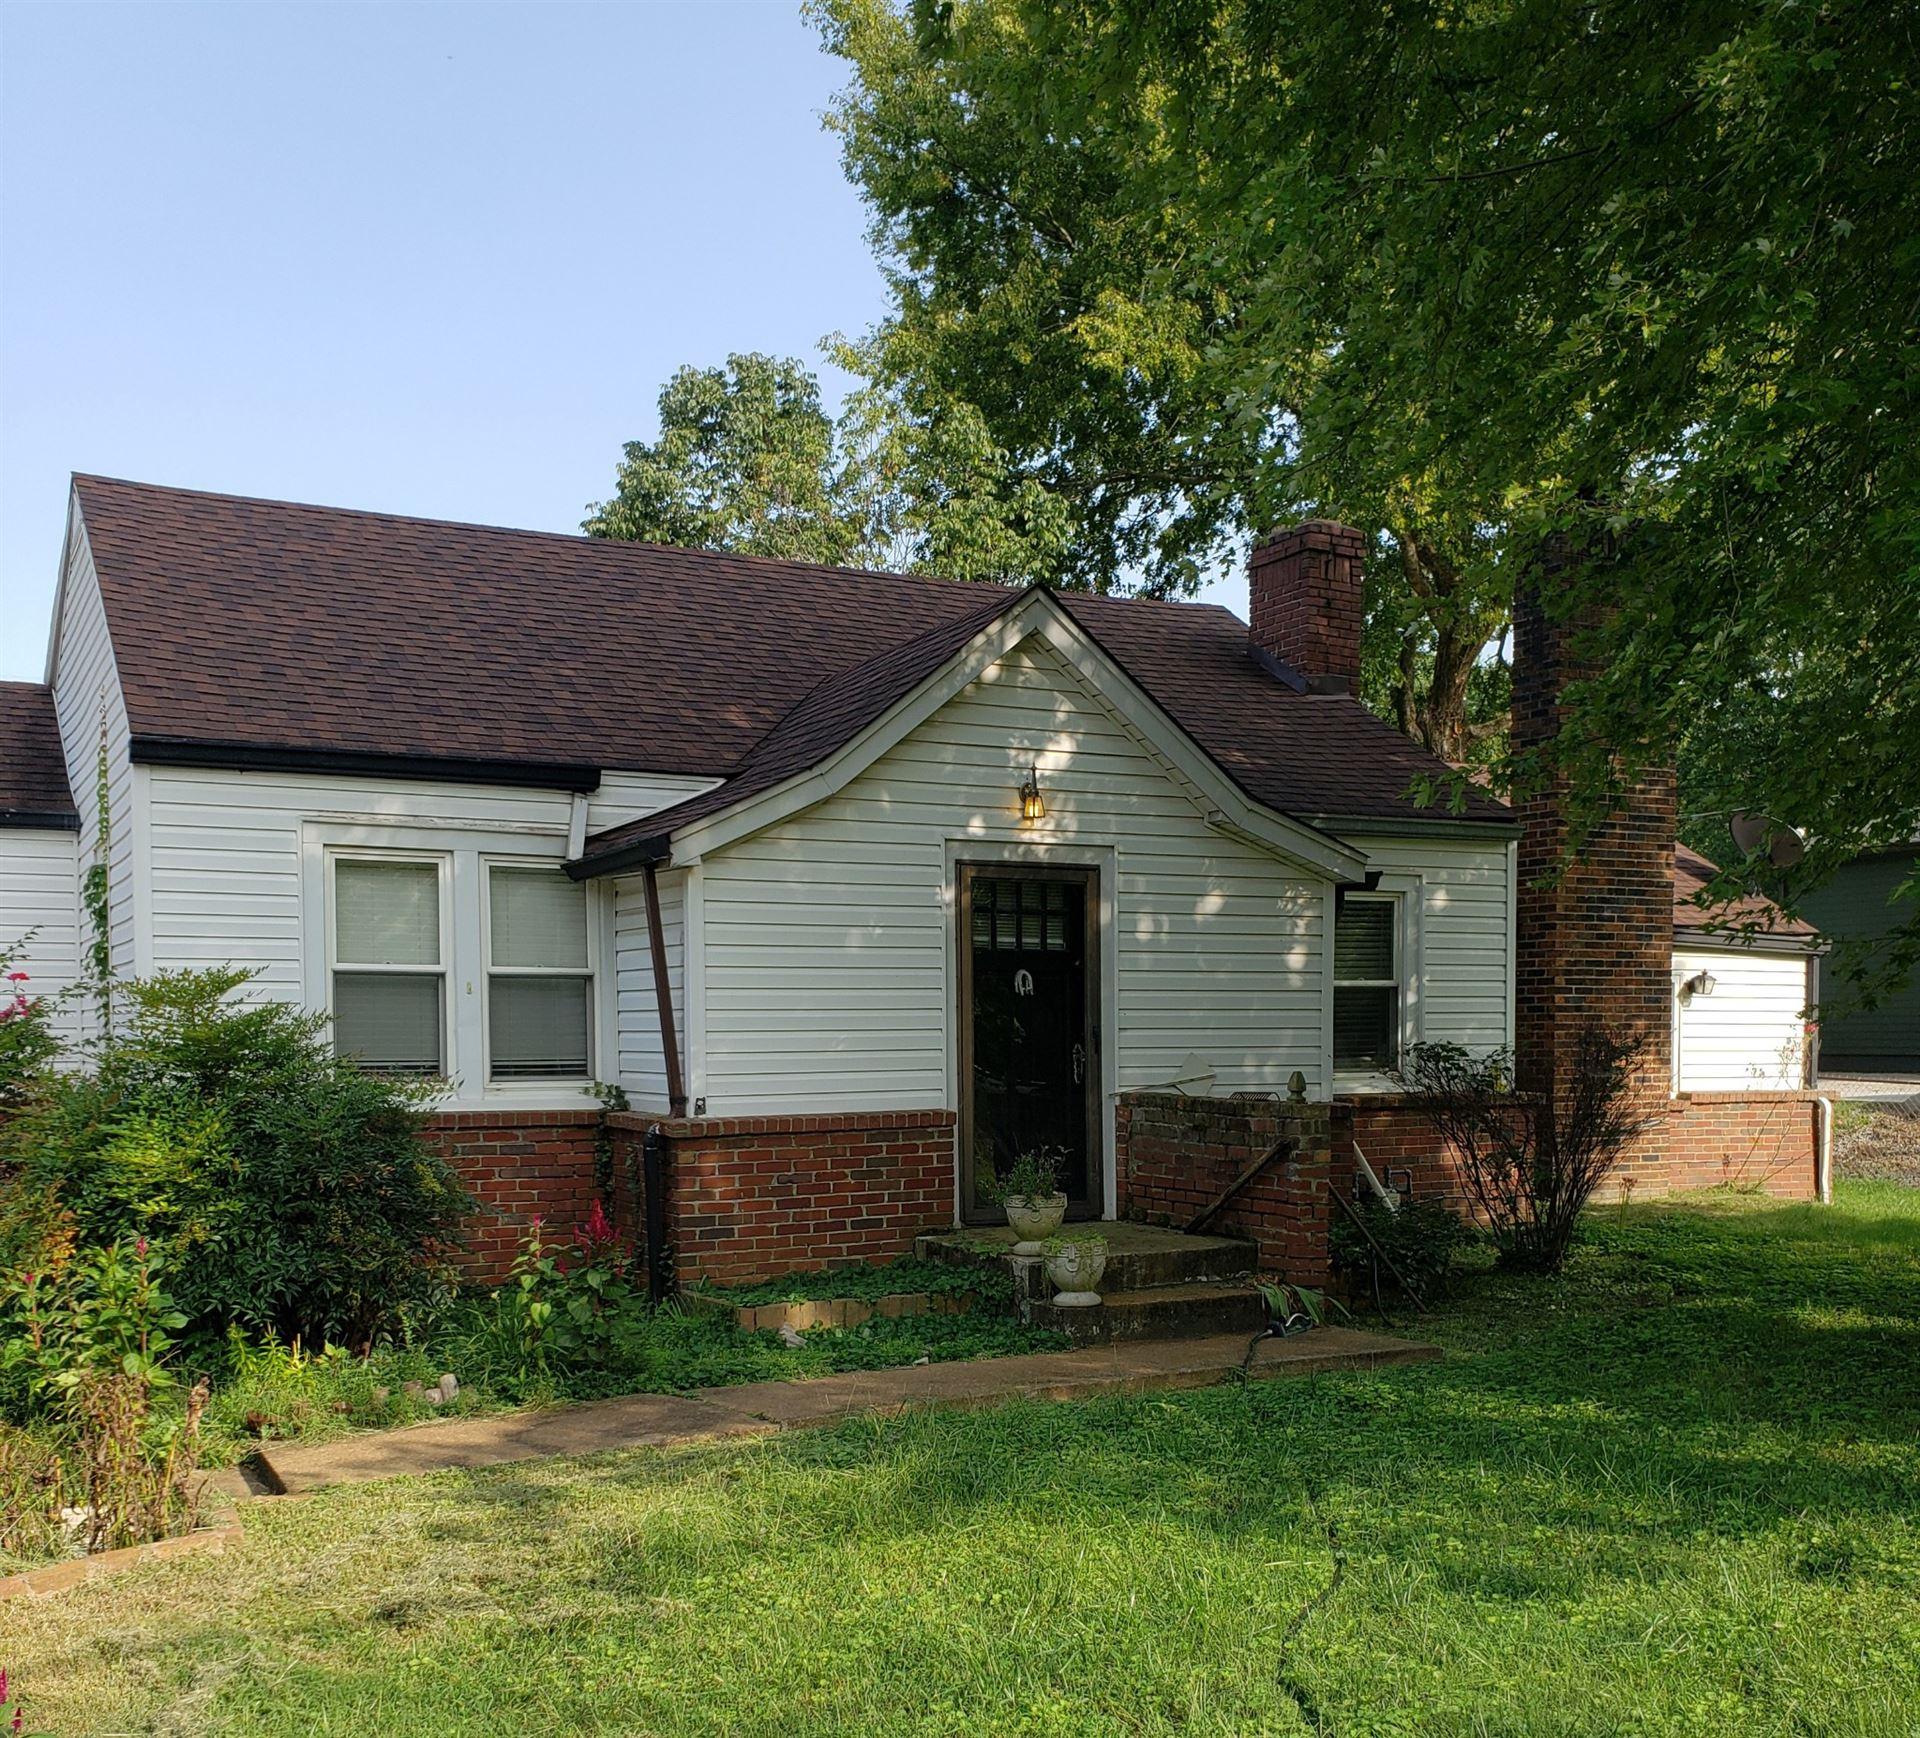 2424 Branch St, Nashville, TN 37216 - MLS#: 2190877